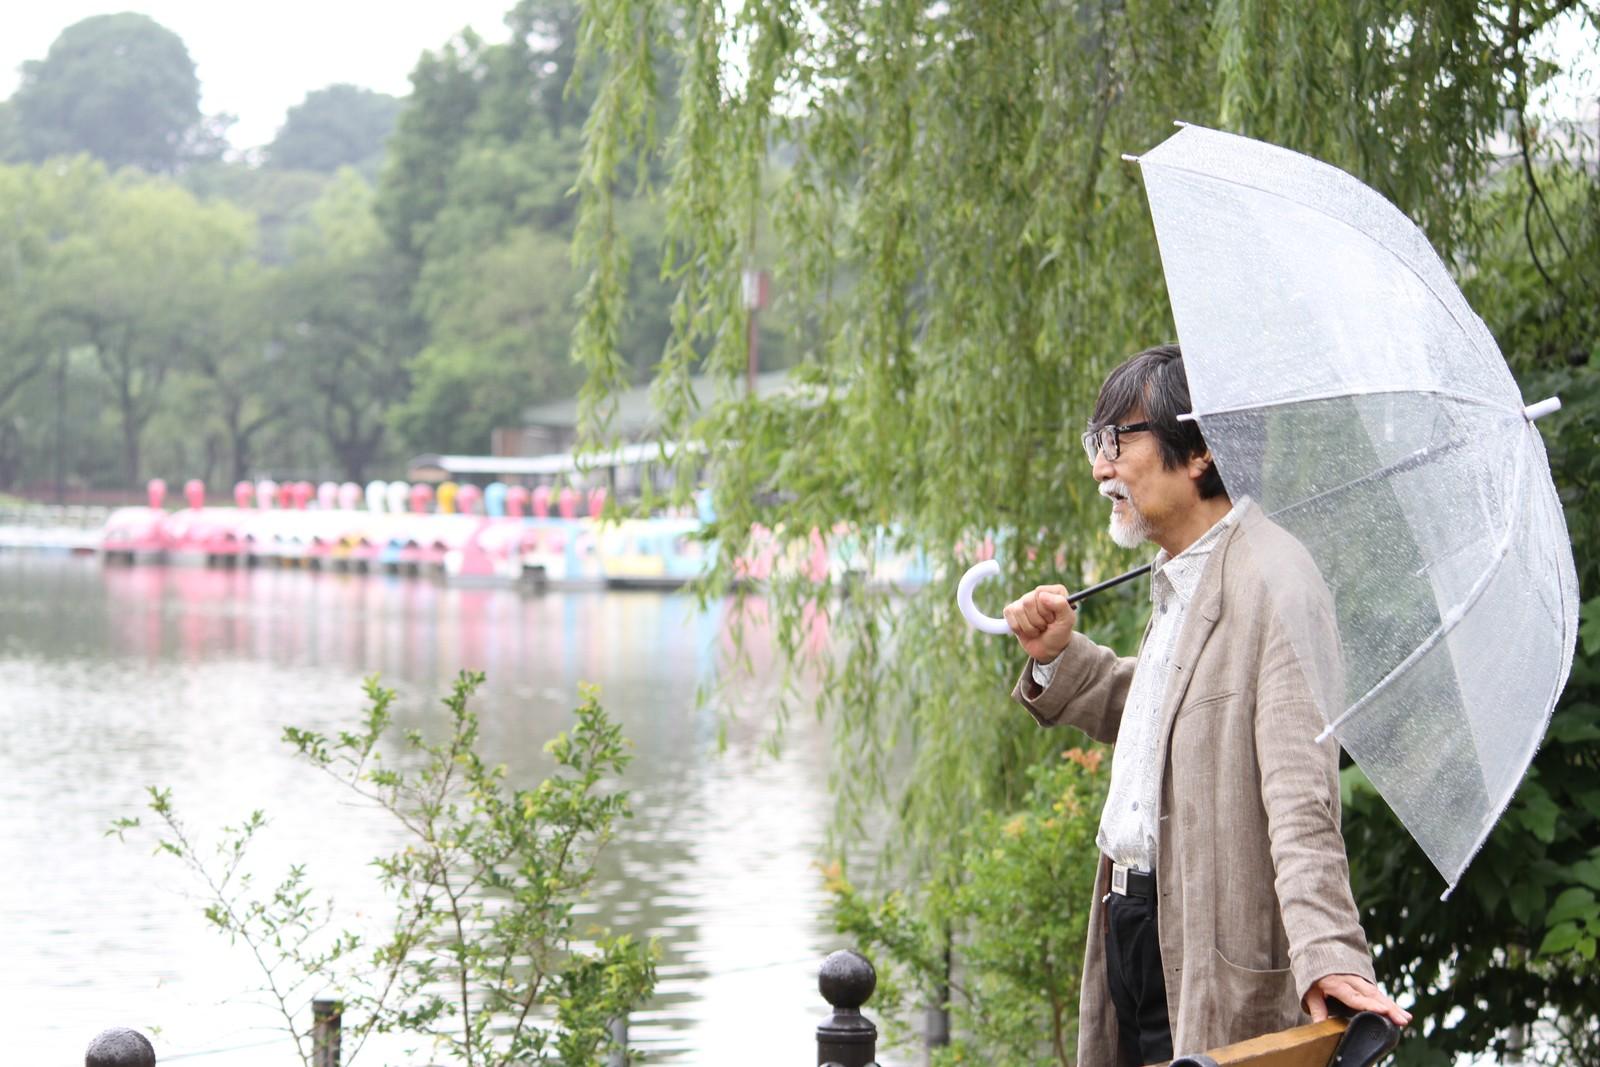 雨だからボートに乗れないわぃ,シニア,写真,画像,素材,老人,高齢者,フリー